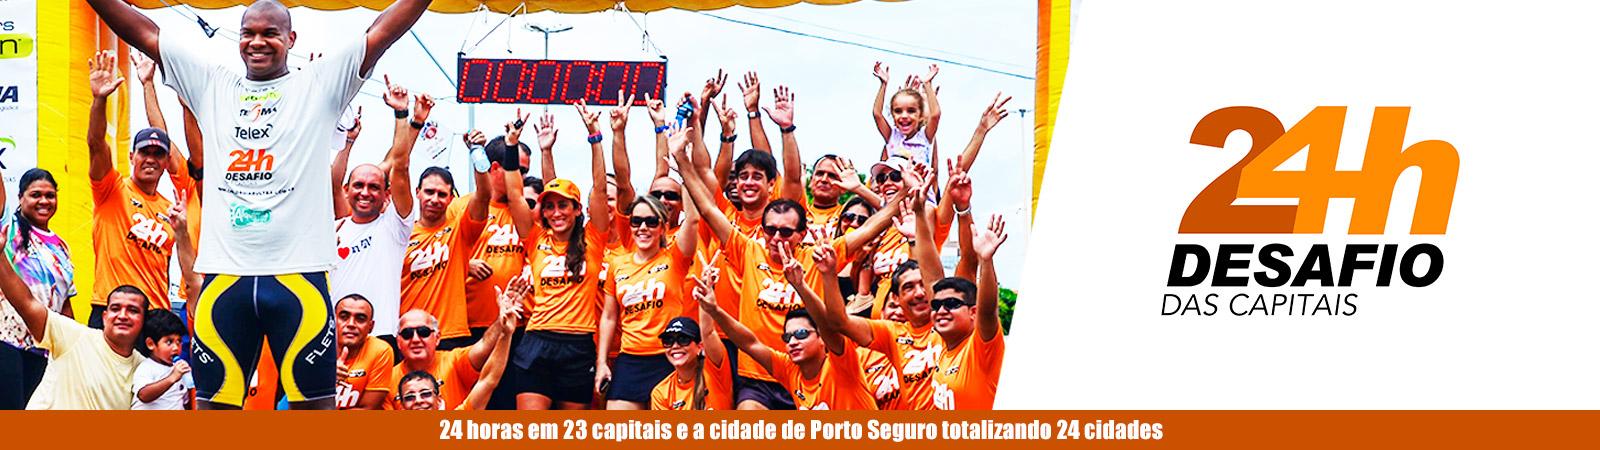 DESAFIO 24 HORAS DAS CAPITAIS - ETAPA VITÓRIA/ES - Imagem de topo